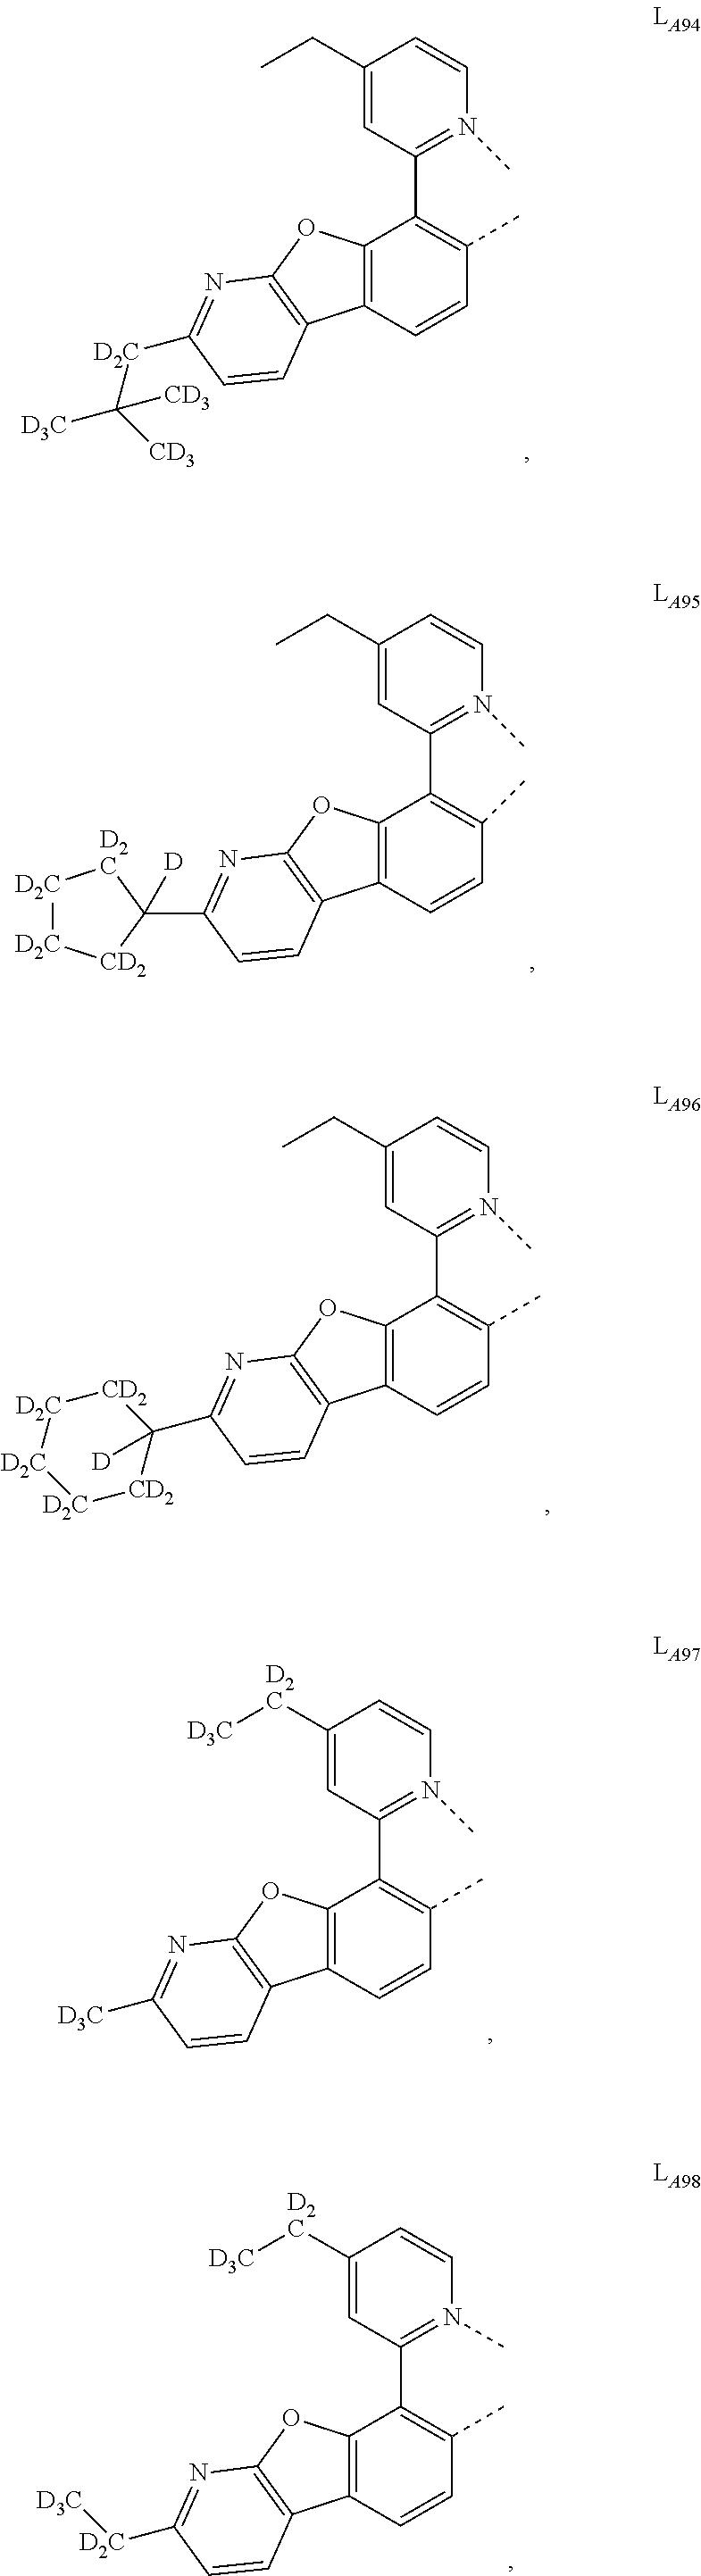 Figure US20160049599A1-20160218-C00029